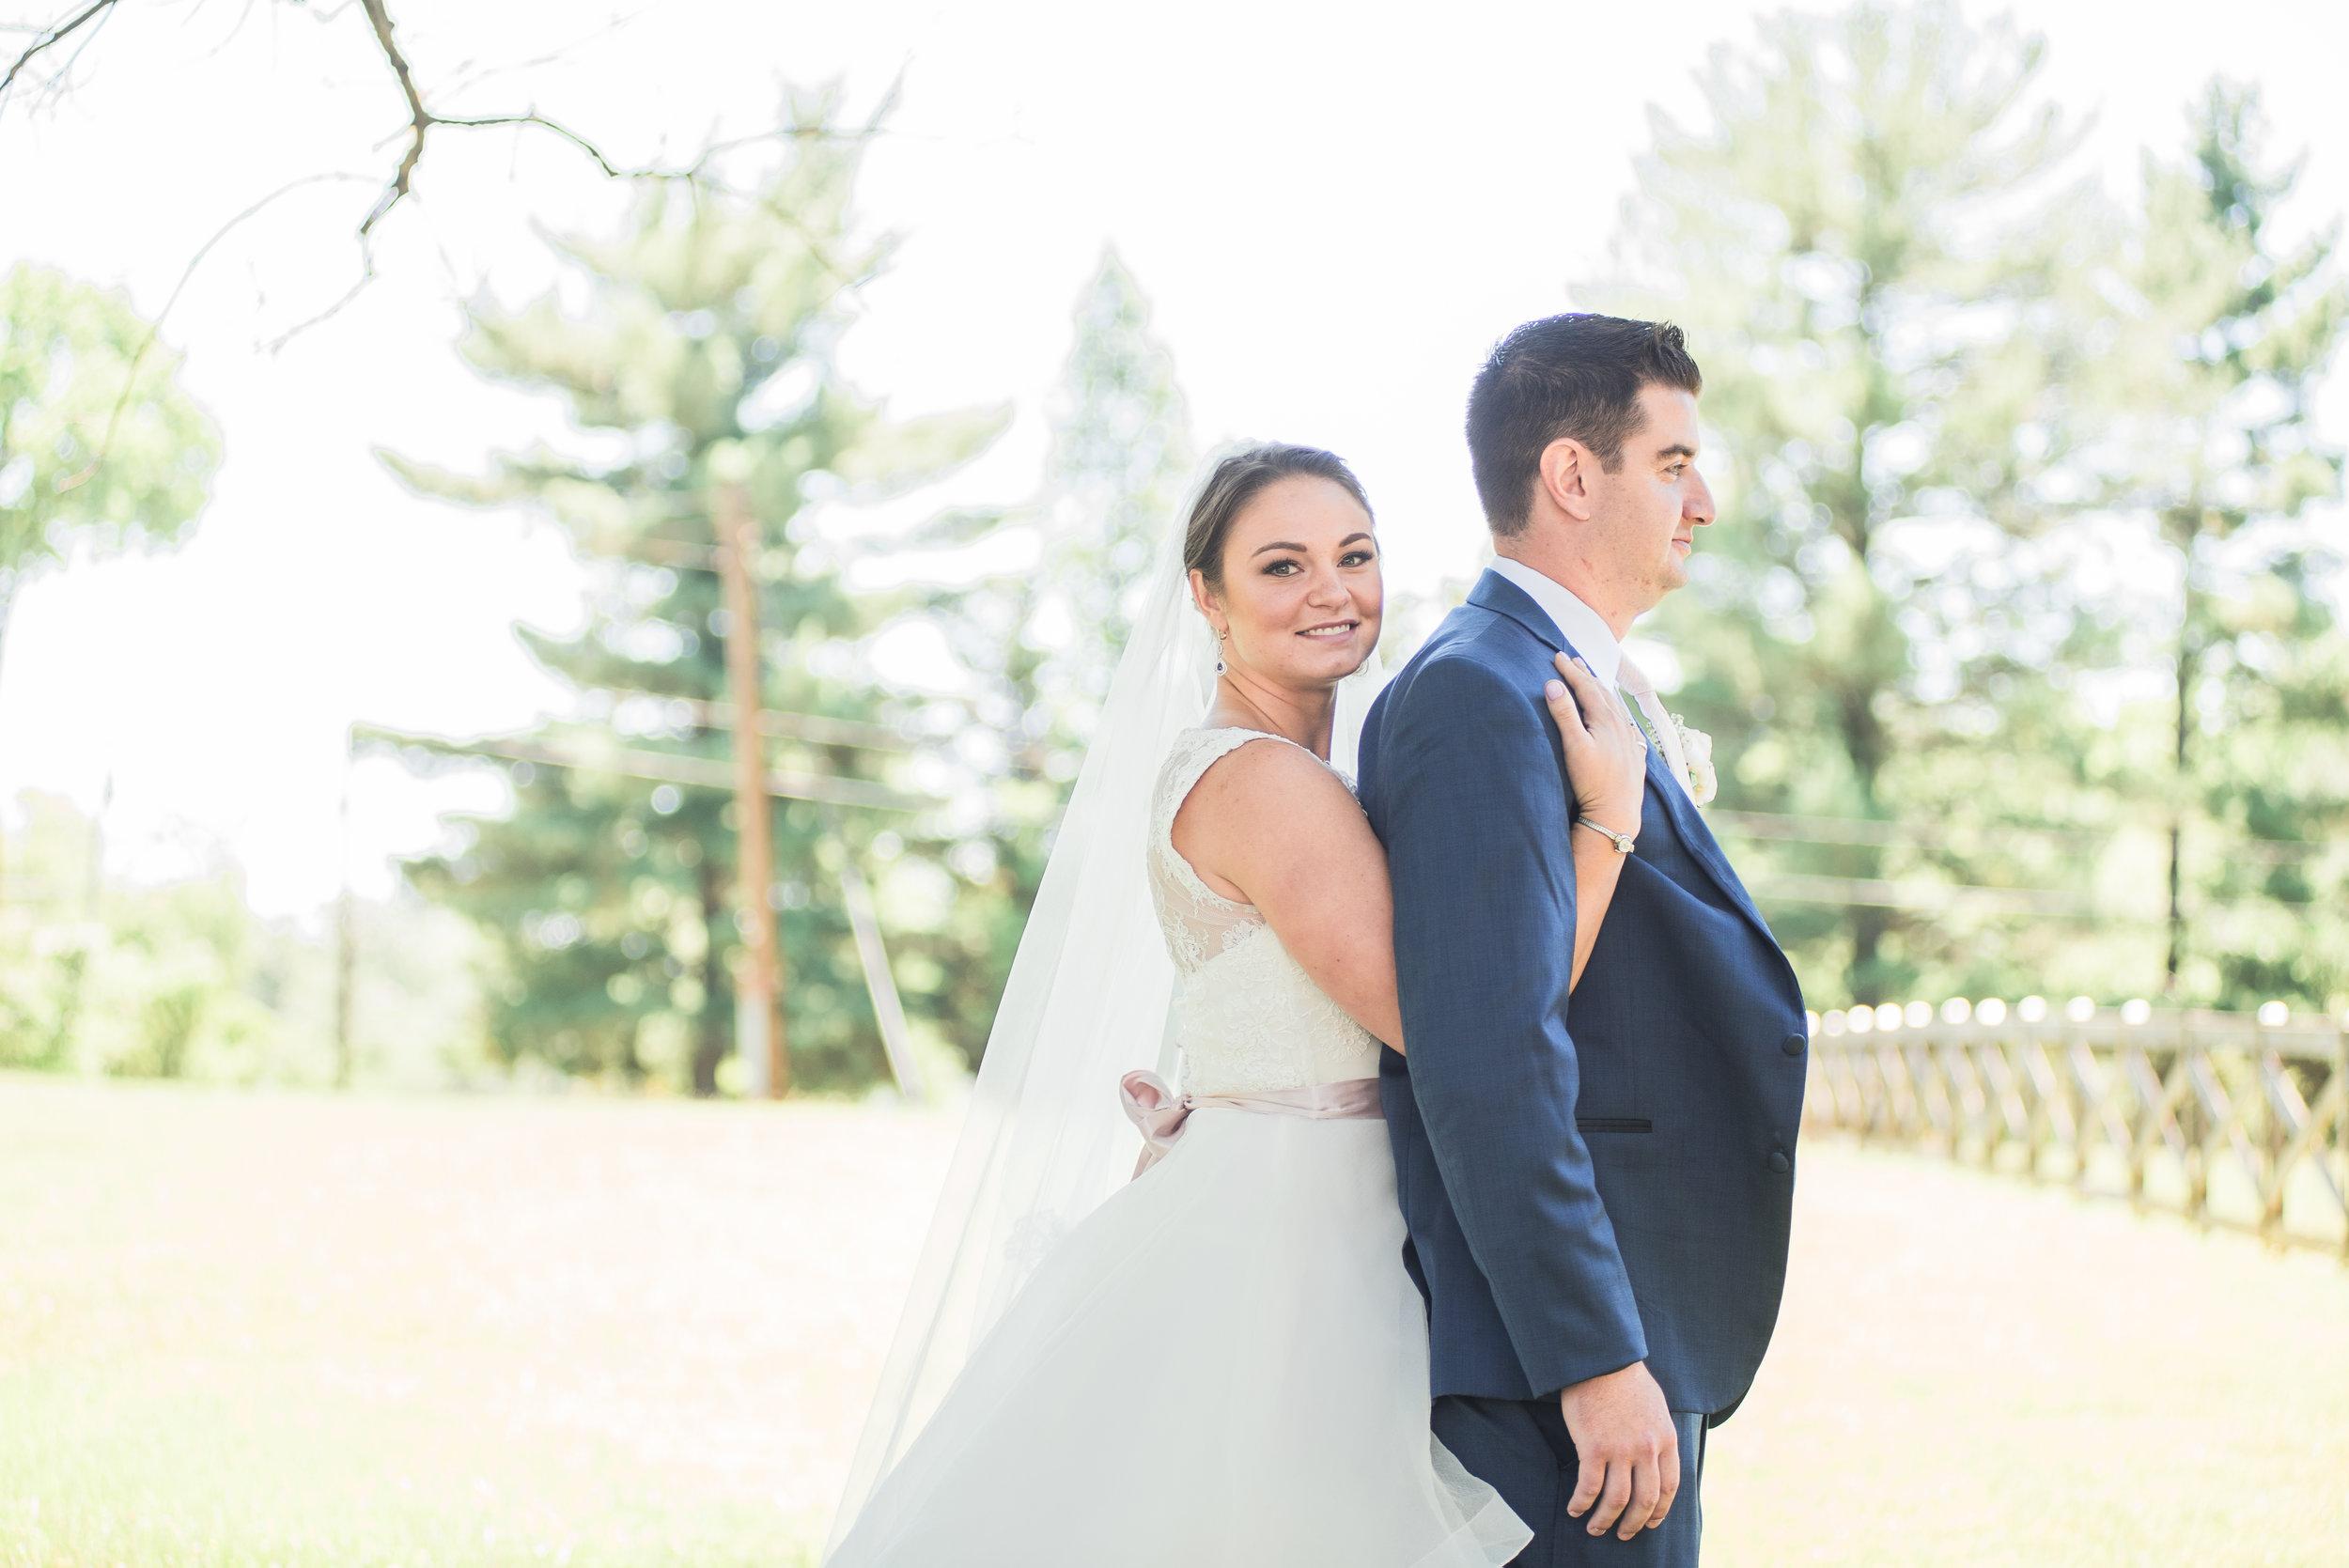 ryan-wedding-341.jpg